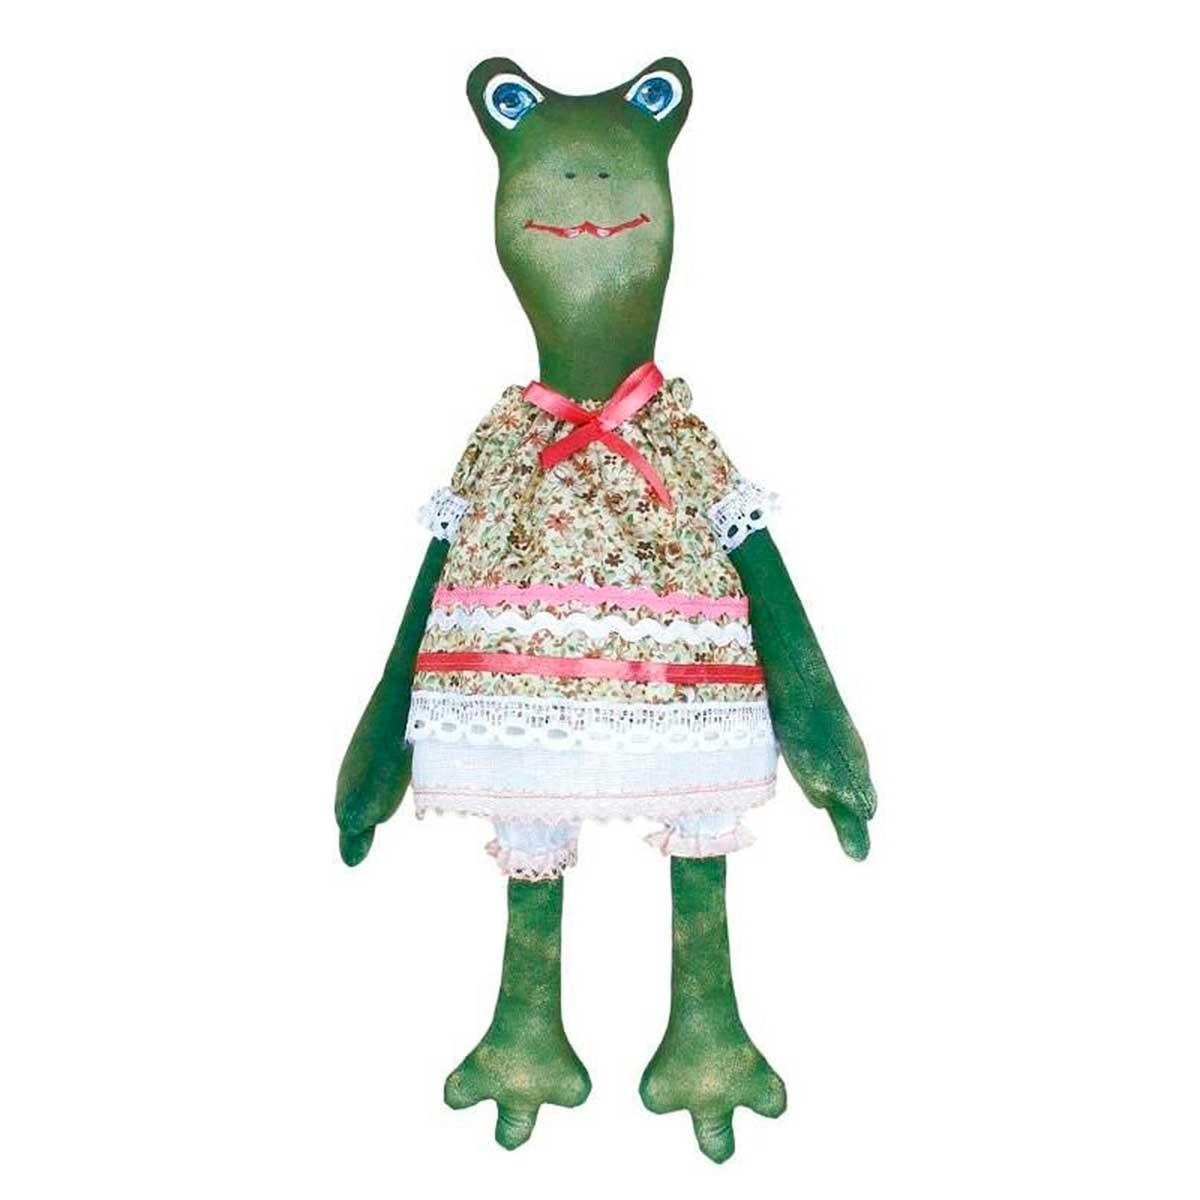 AM200019 Подарочный набор для изготовления текстильной игрушки 'Жаклин', высота 44 см